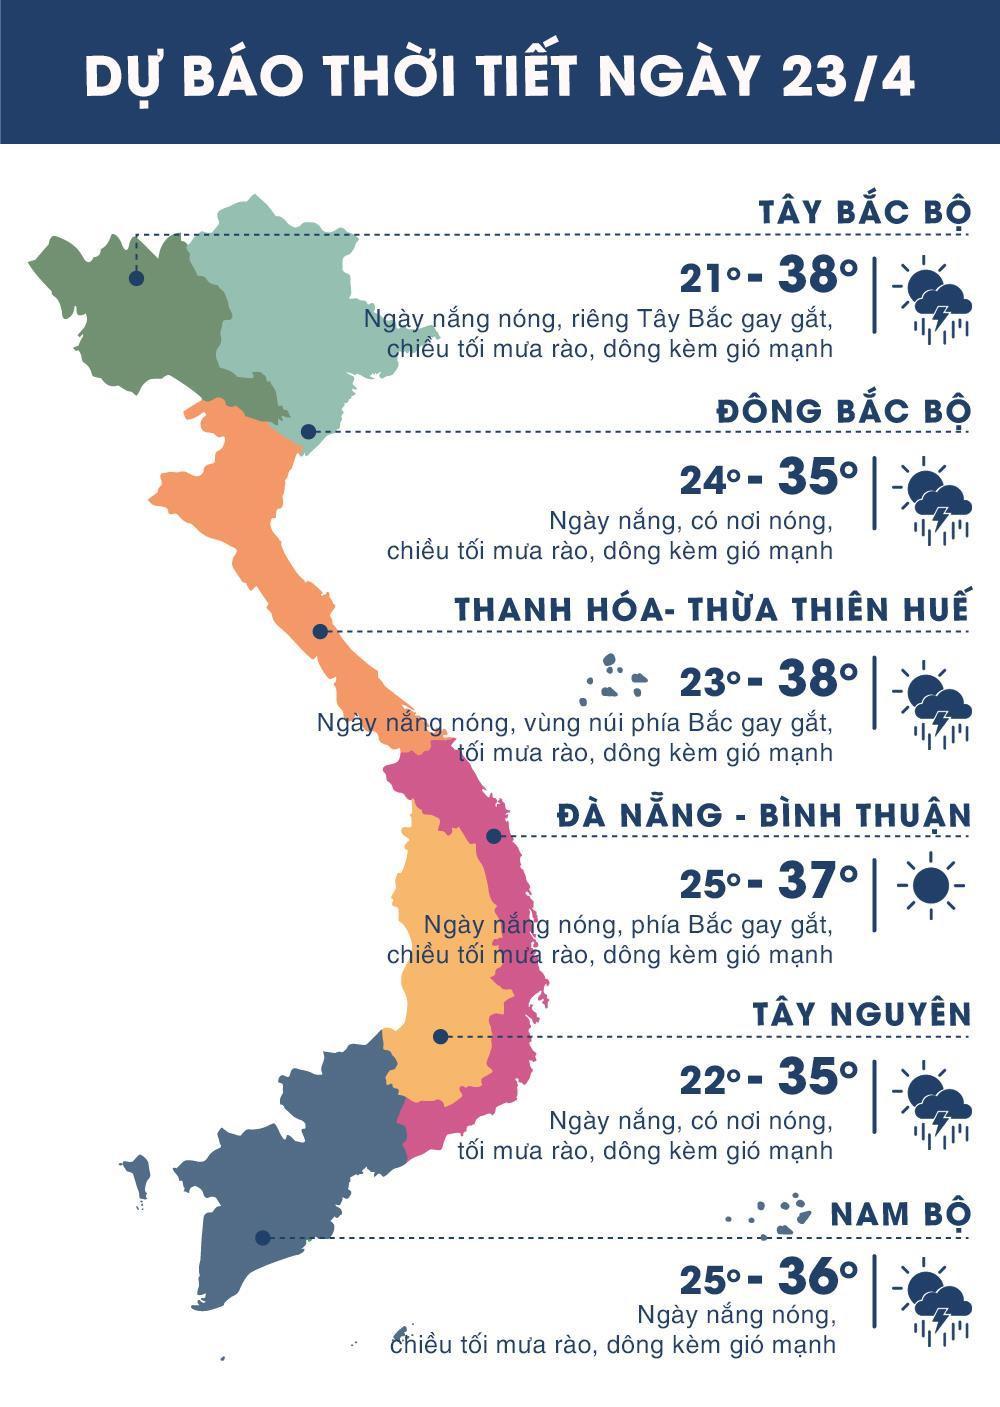 Thời tiết ngày 23/4: Sài Gòn nắng nóng gay gắt trên 37 độ C Ảnh 1